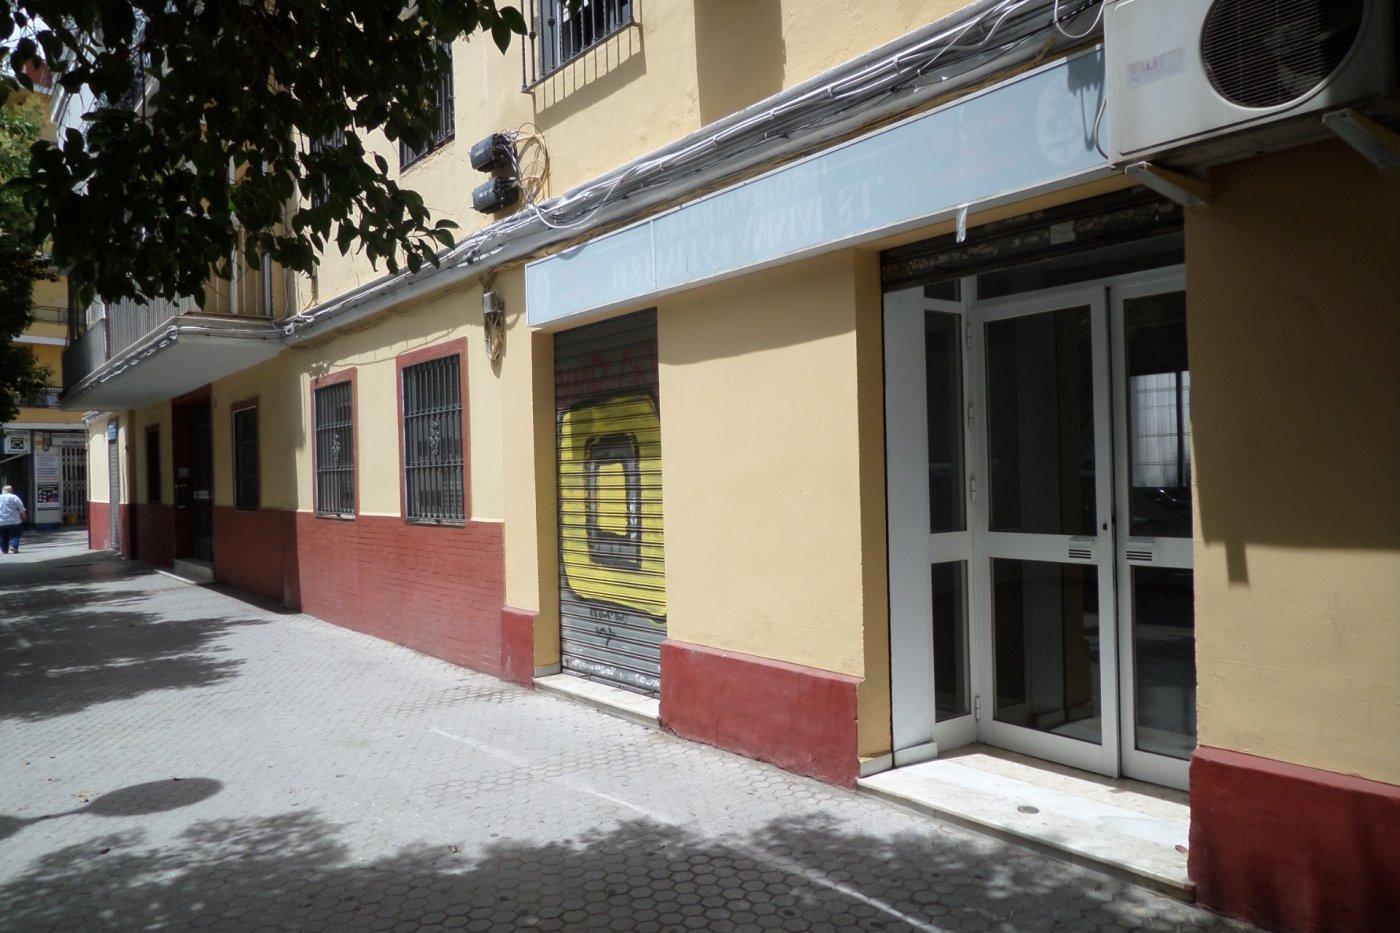 local-comercial en sevilla · ctra-de-carmona-miraflores 550€